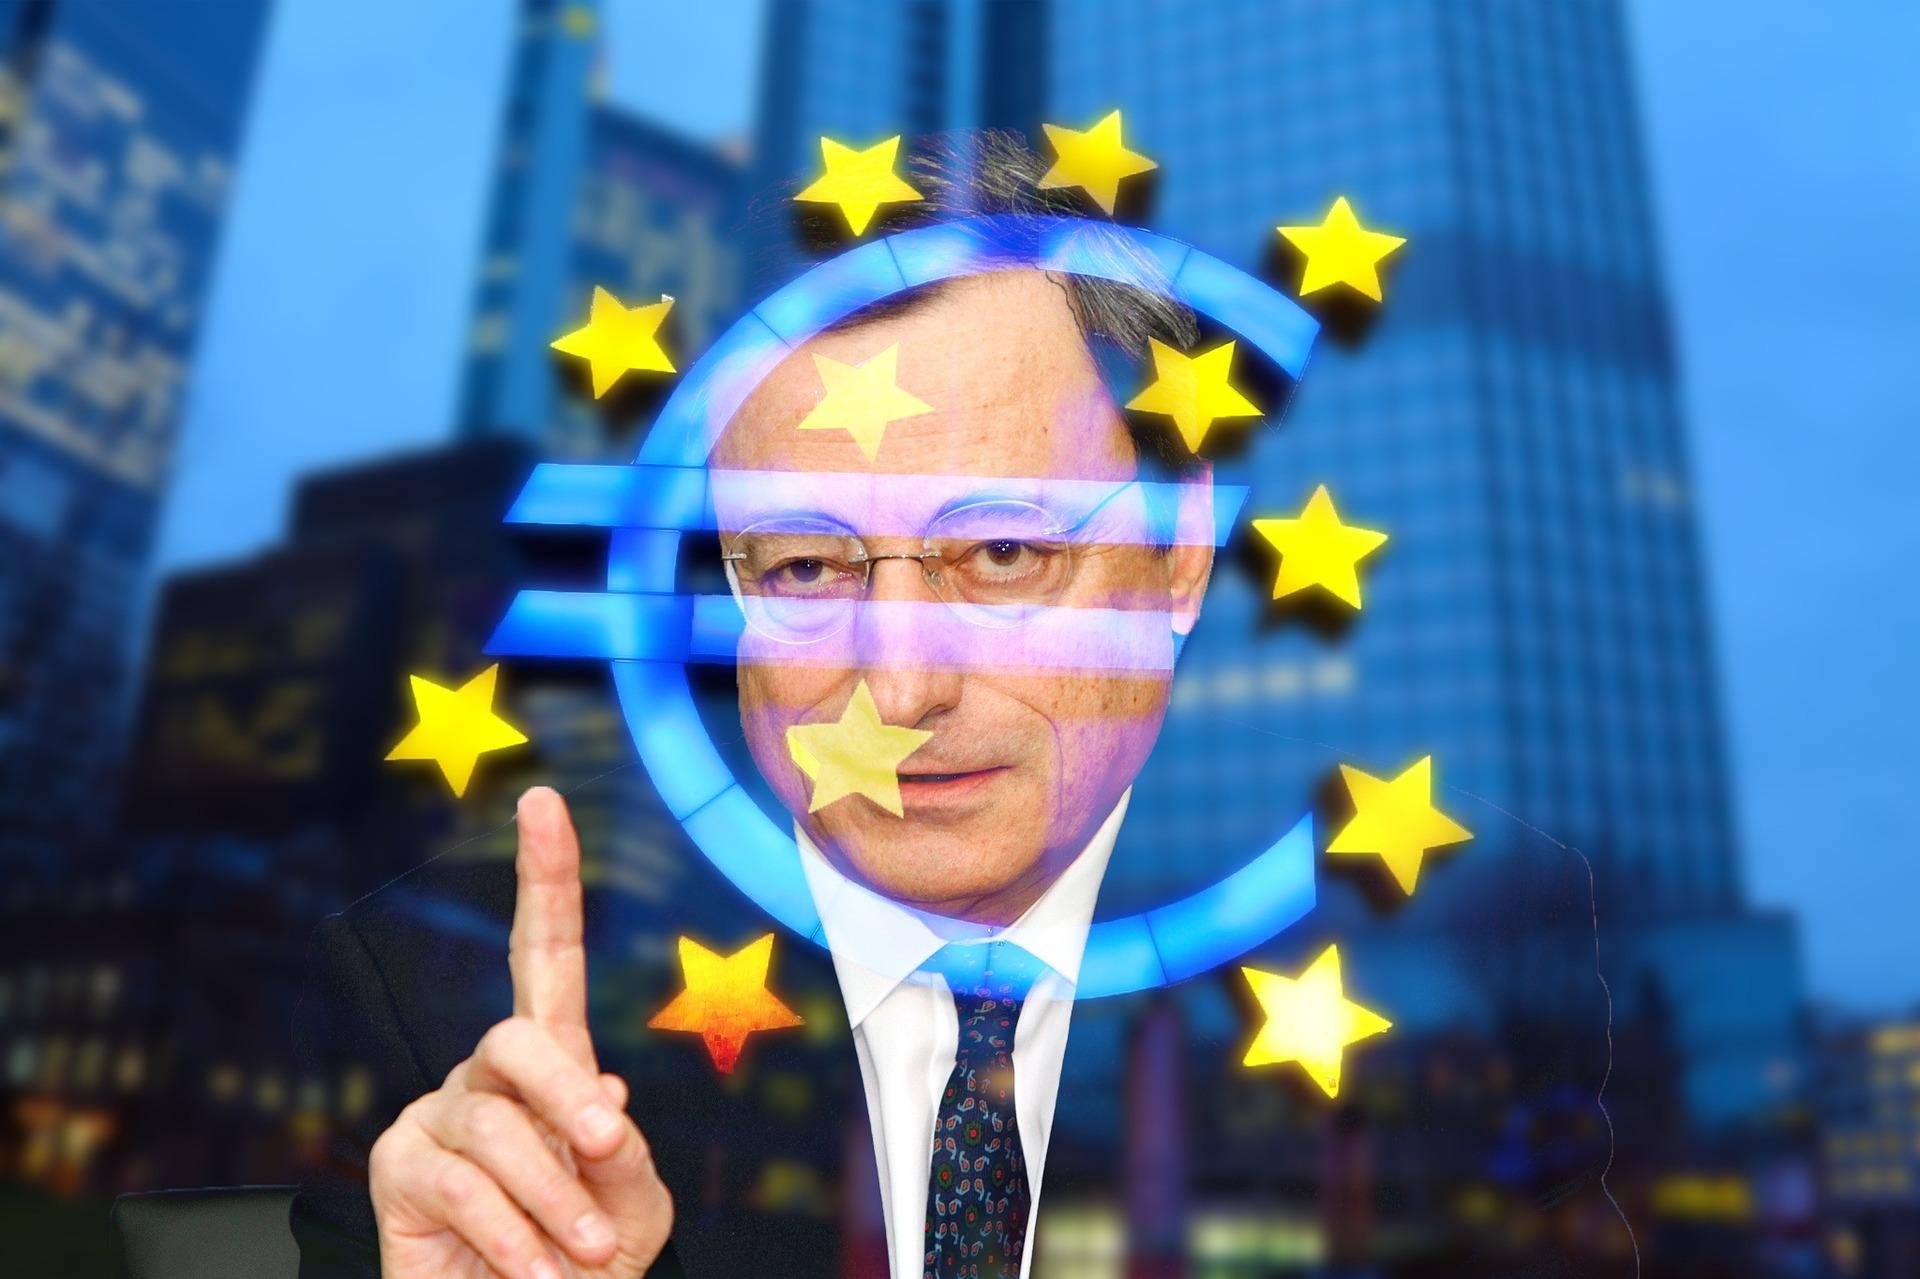 Quale ruolo per le istituzioni finanziarie europee?